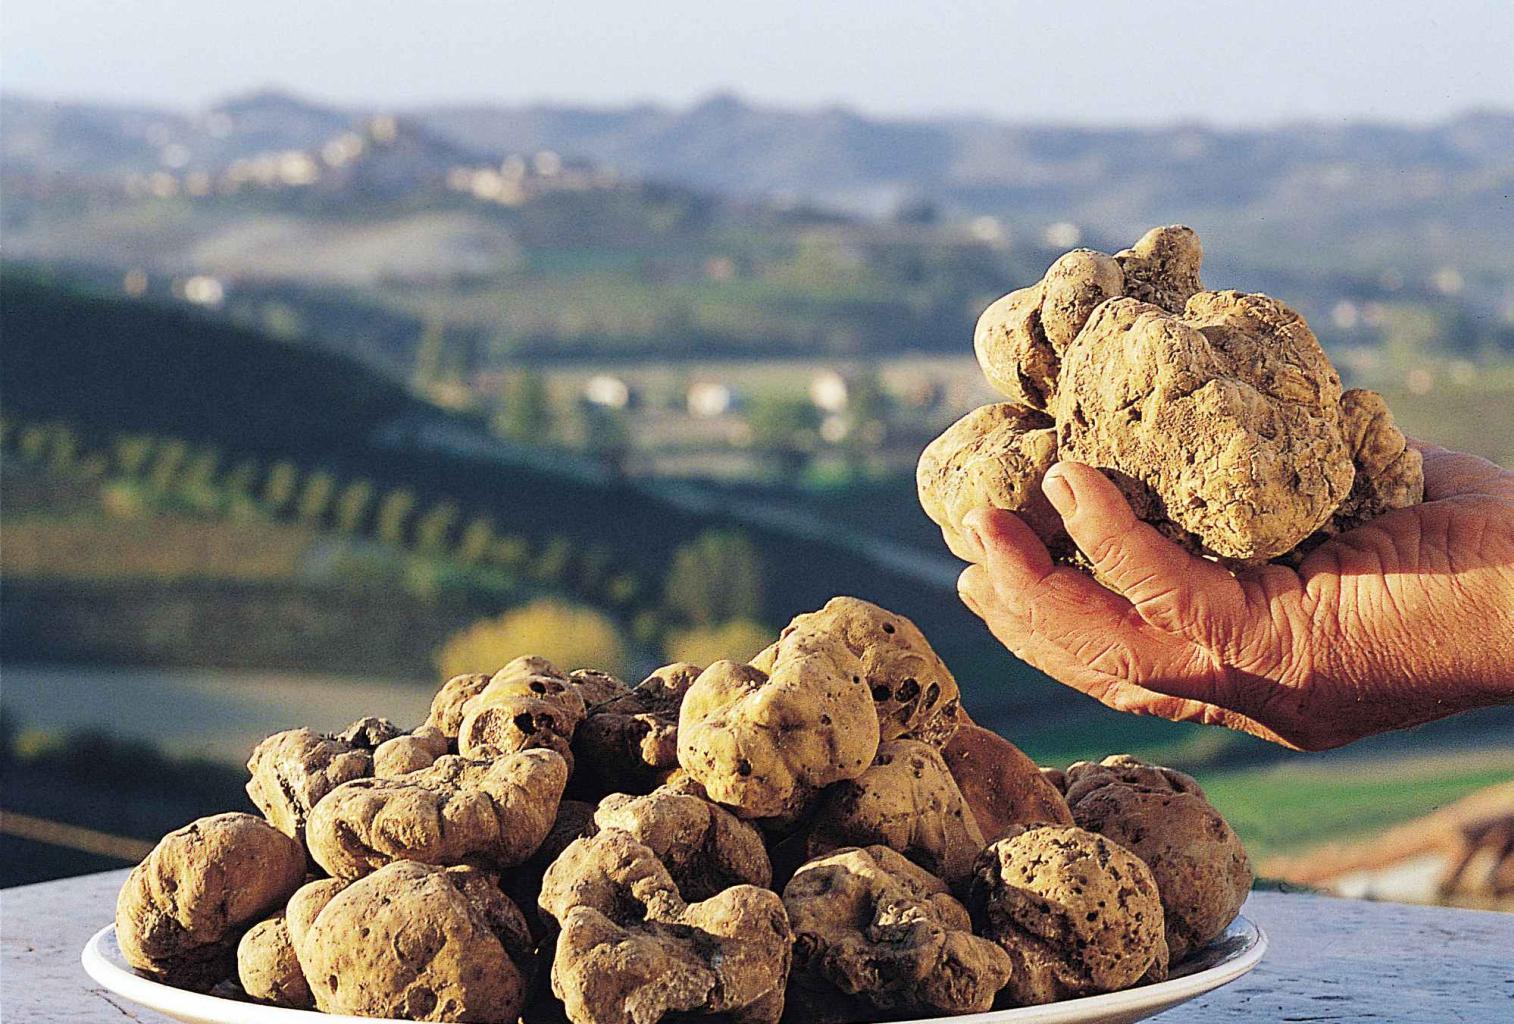 Truffle Istria story